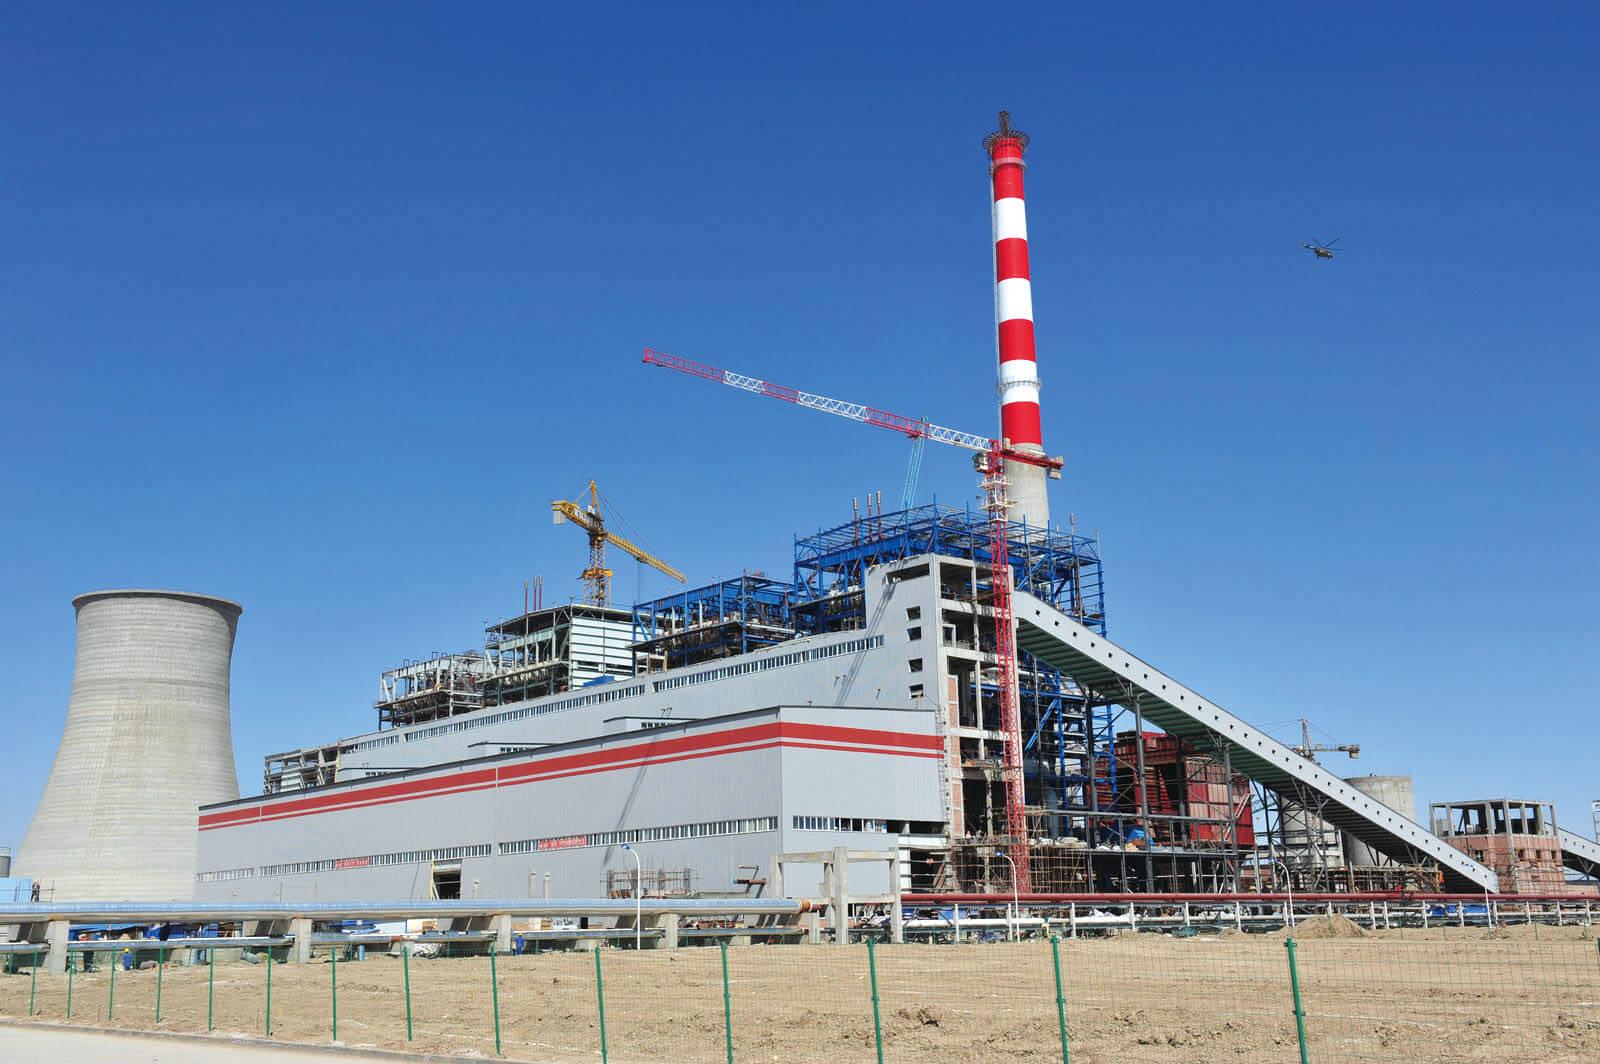 梅花氨基酸有限责任公司钢结构工程